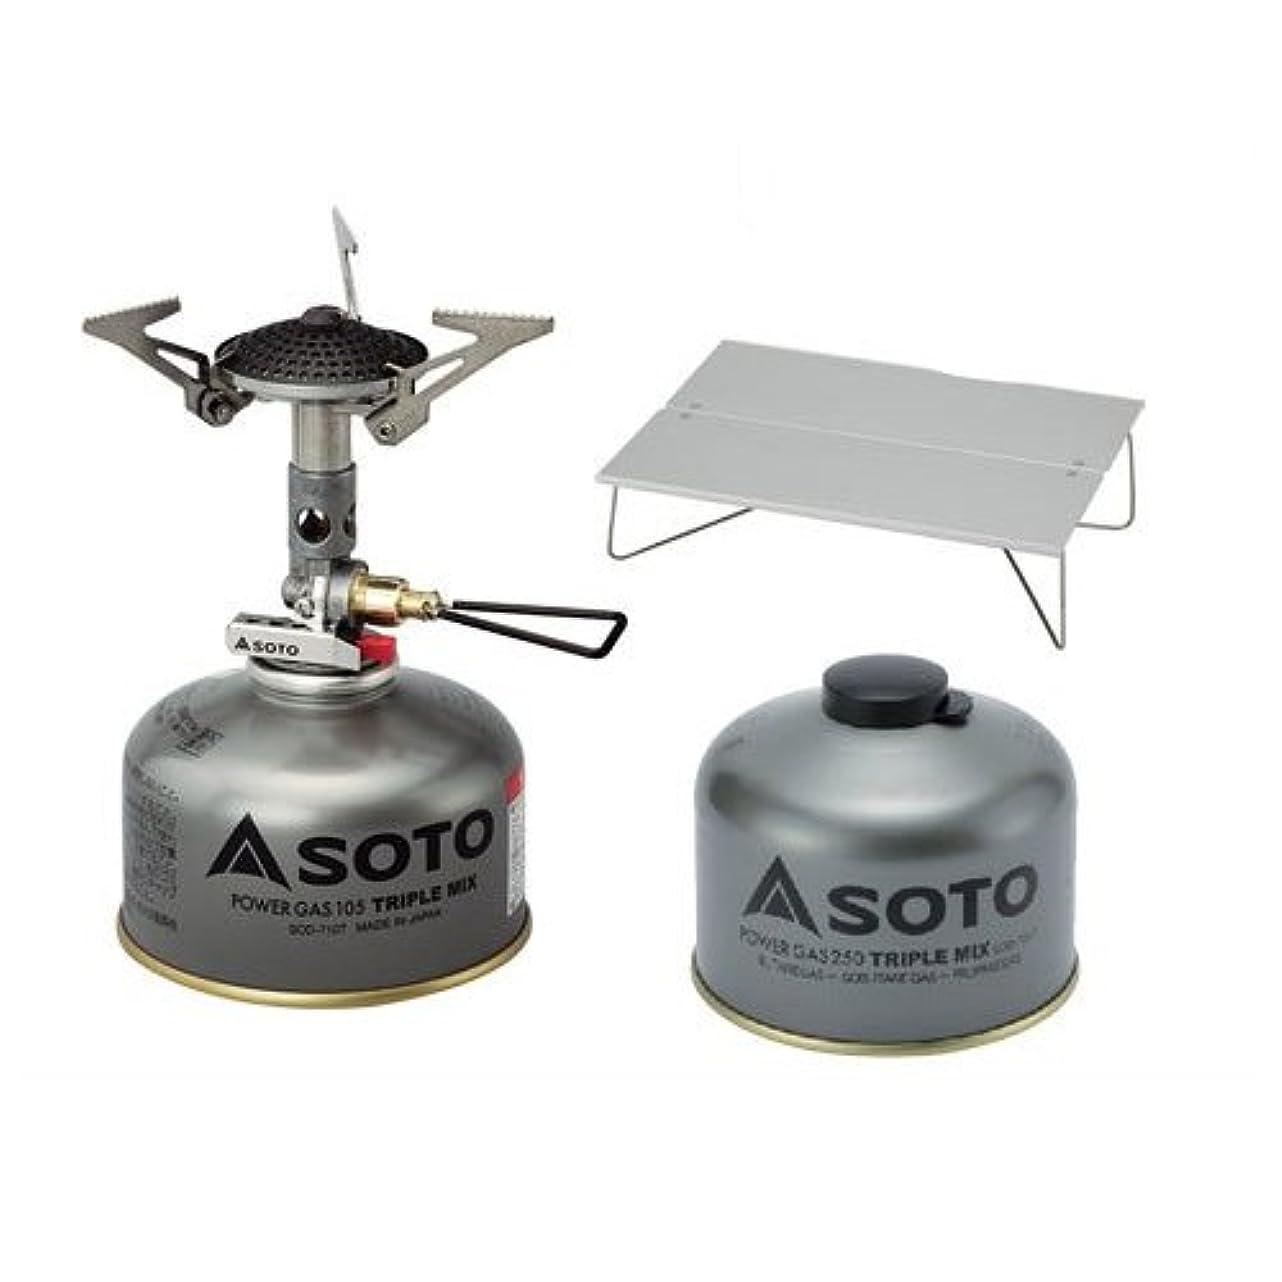 SOTO 3点セット マイクロレギュレーターストーブ パワーガス250トリプルミックス ミニポップアップテーブルフィールドホッパー ソト SOD-300S SOD-725T ST-630